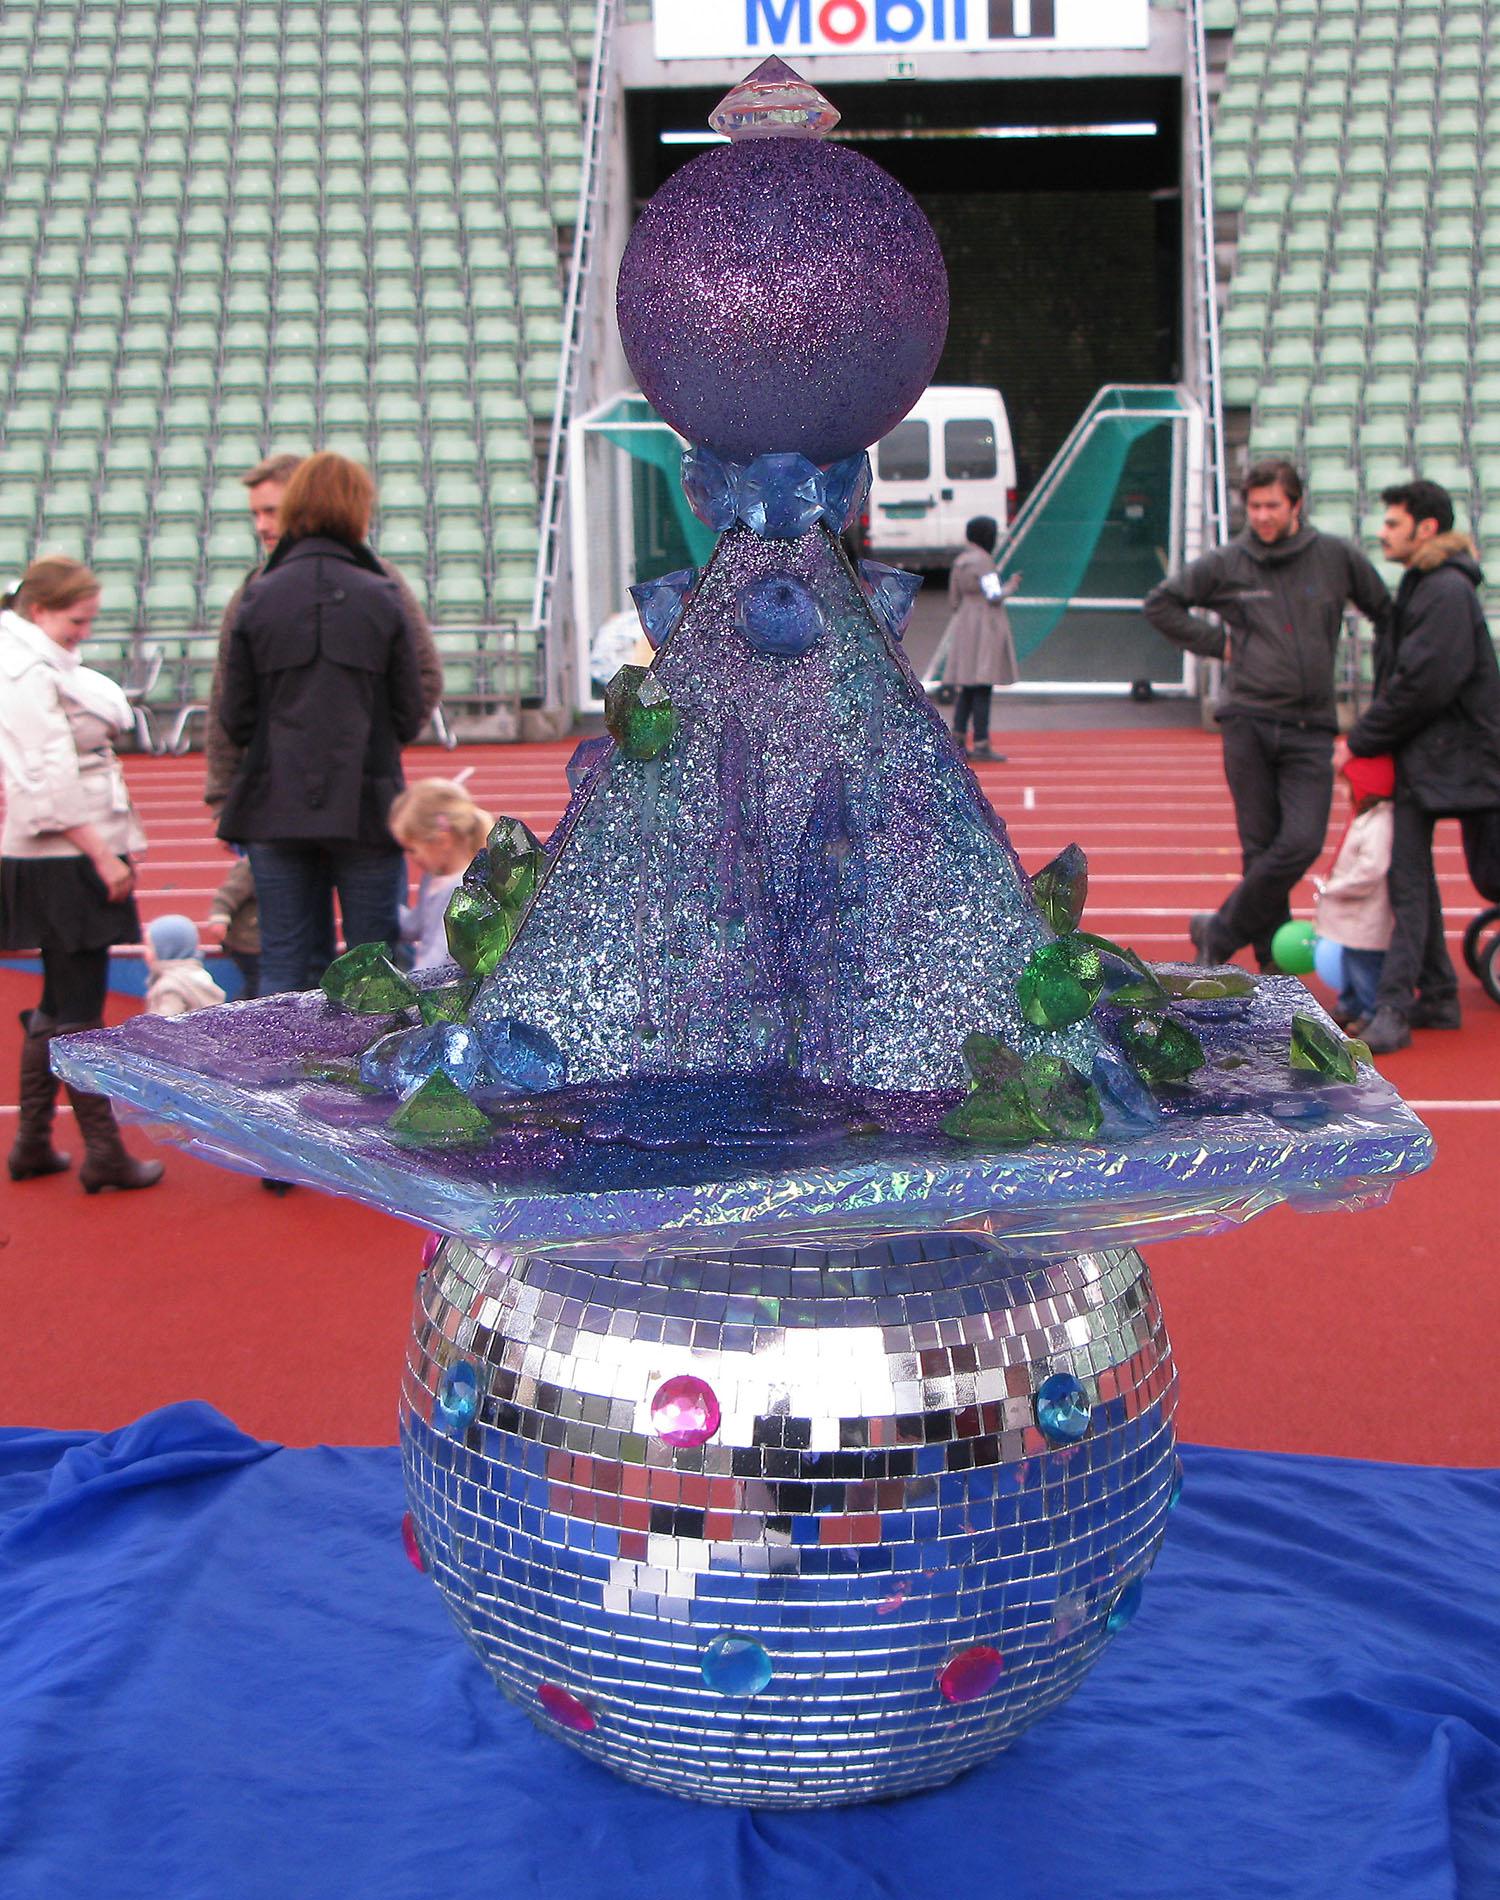 giant-bowl-inflatable-sculpture-strandberg-danielle-37.jpg